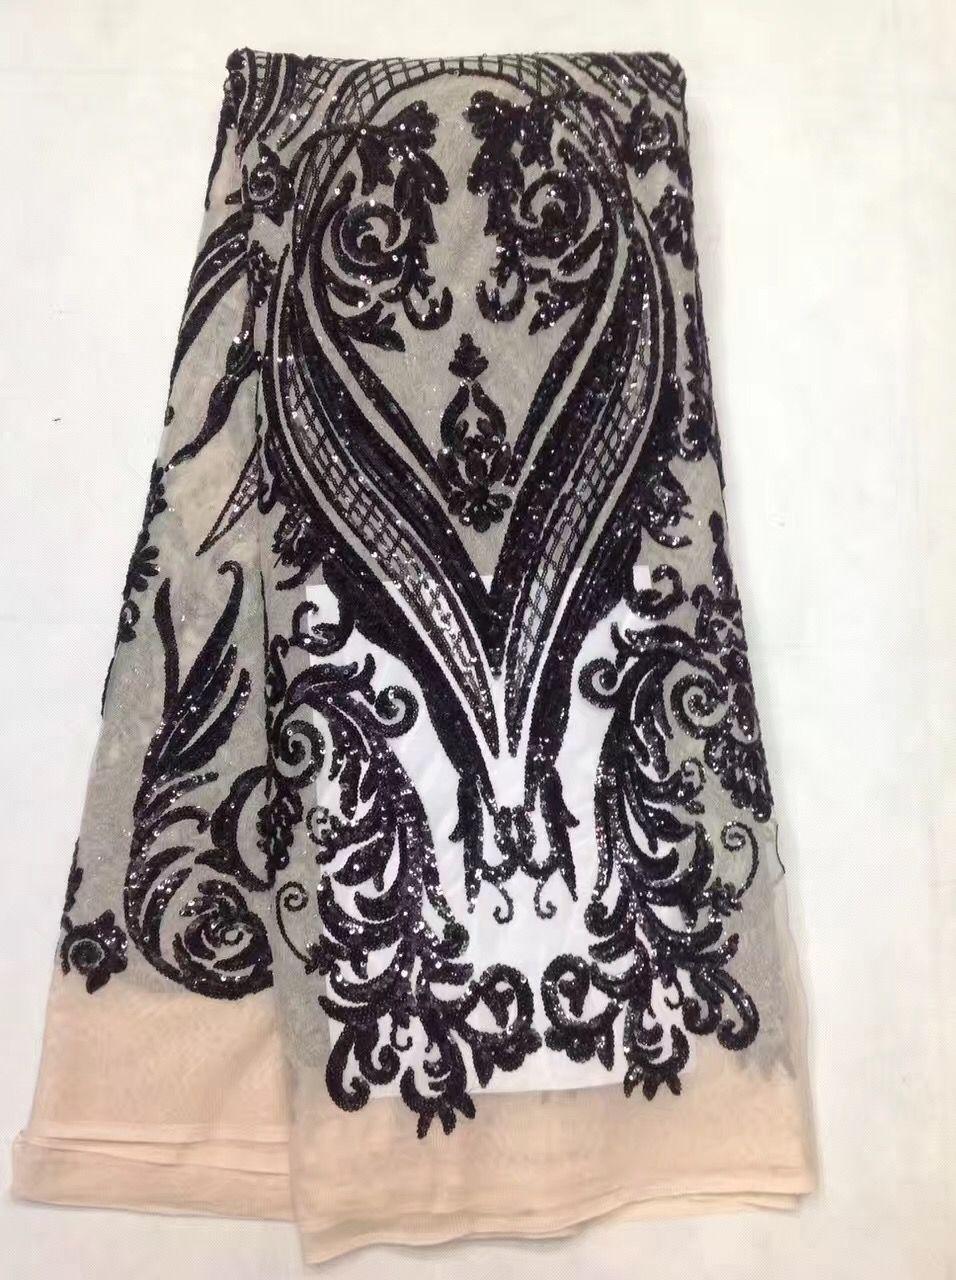 Chaud français nigérian paillettes net dentelle, tulle africain maille dentelle tissu de haute qualité pour la robe de mariée de fête 5 yards/lot JL122604